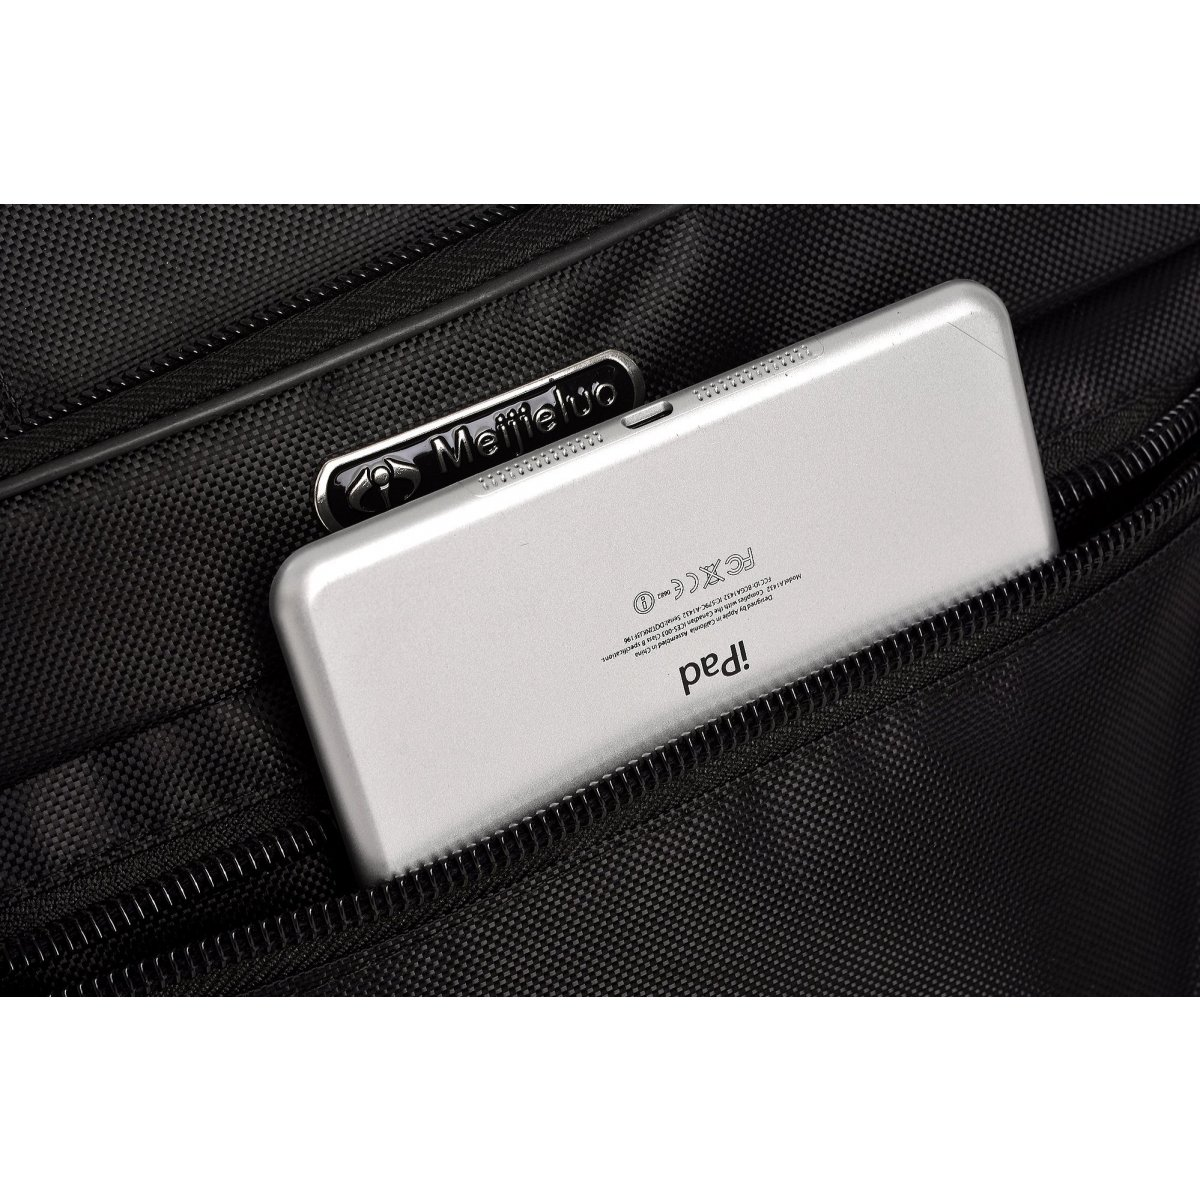 Serviette porte ordinateur les sacs de k 39 rlot hk161001 - Porte serviette pas cher ...